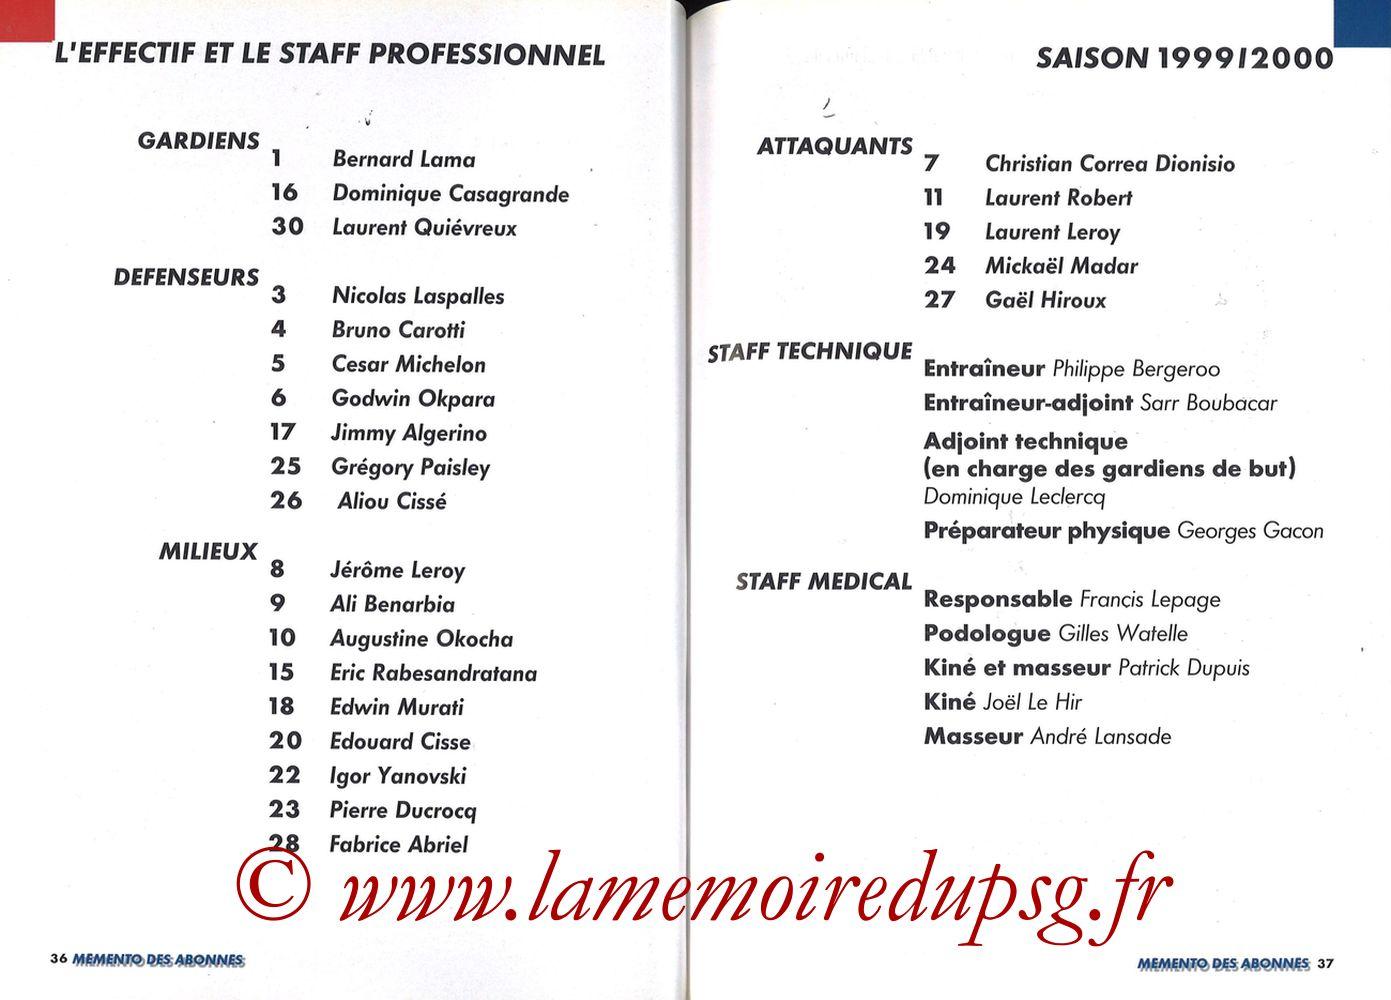 1999-00 - Guide de la Saison PSG - Pages 36 et 37